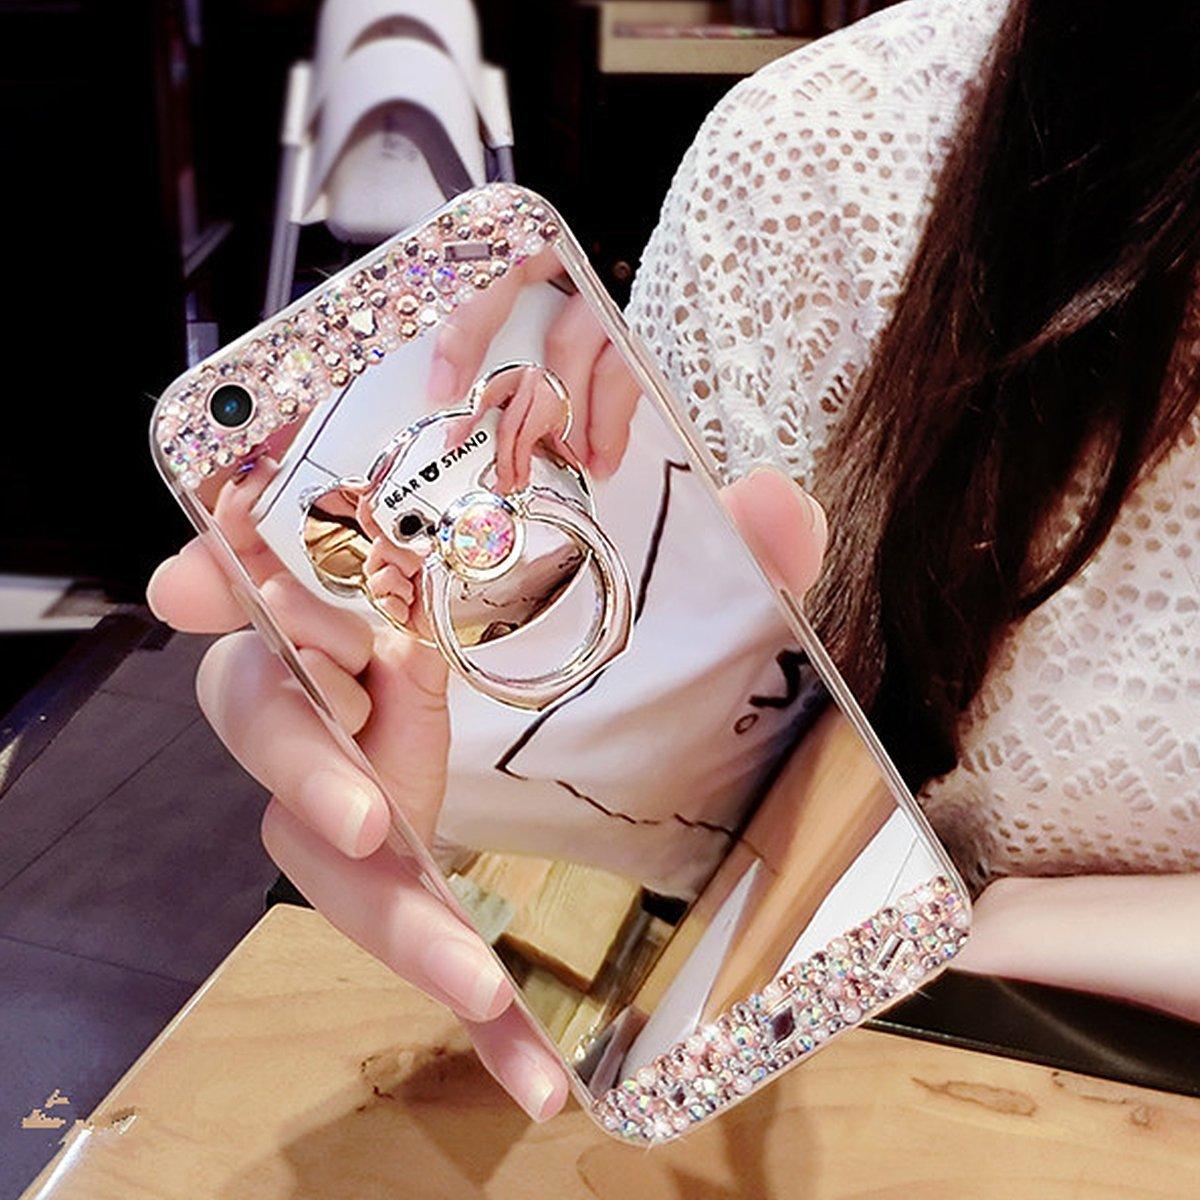 Coque iPhone 8, EINFFHO Réfléchissant Miroir Silicone Housse Étui pour iPhone 8 / 7 Cas [avec Ours Support Bague] Elegant Briller Rhinestone Diamant Glitter Bling Maquillage Placcatura Miroir Coque pour Apple iPhone 7 Etui de Téléphone Coquille de Protecti